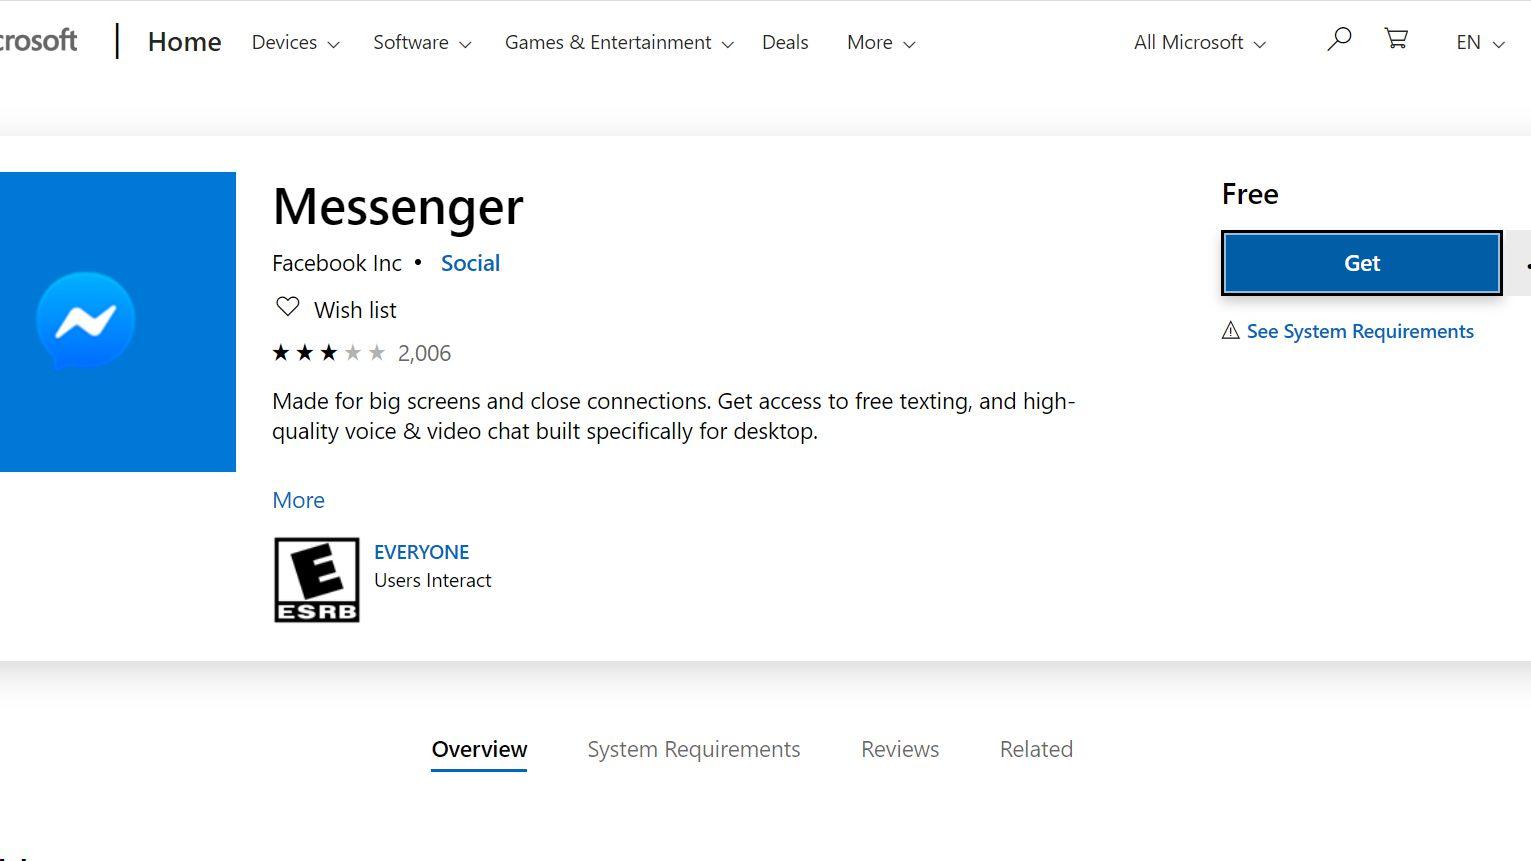 facebook messenger for laptop free download